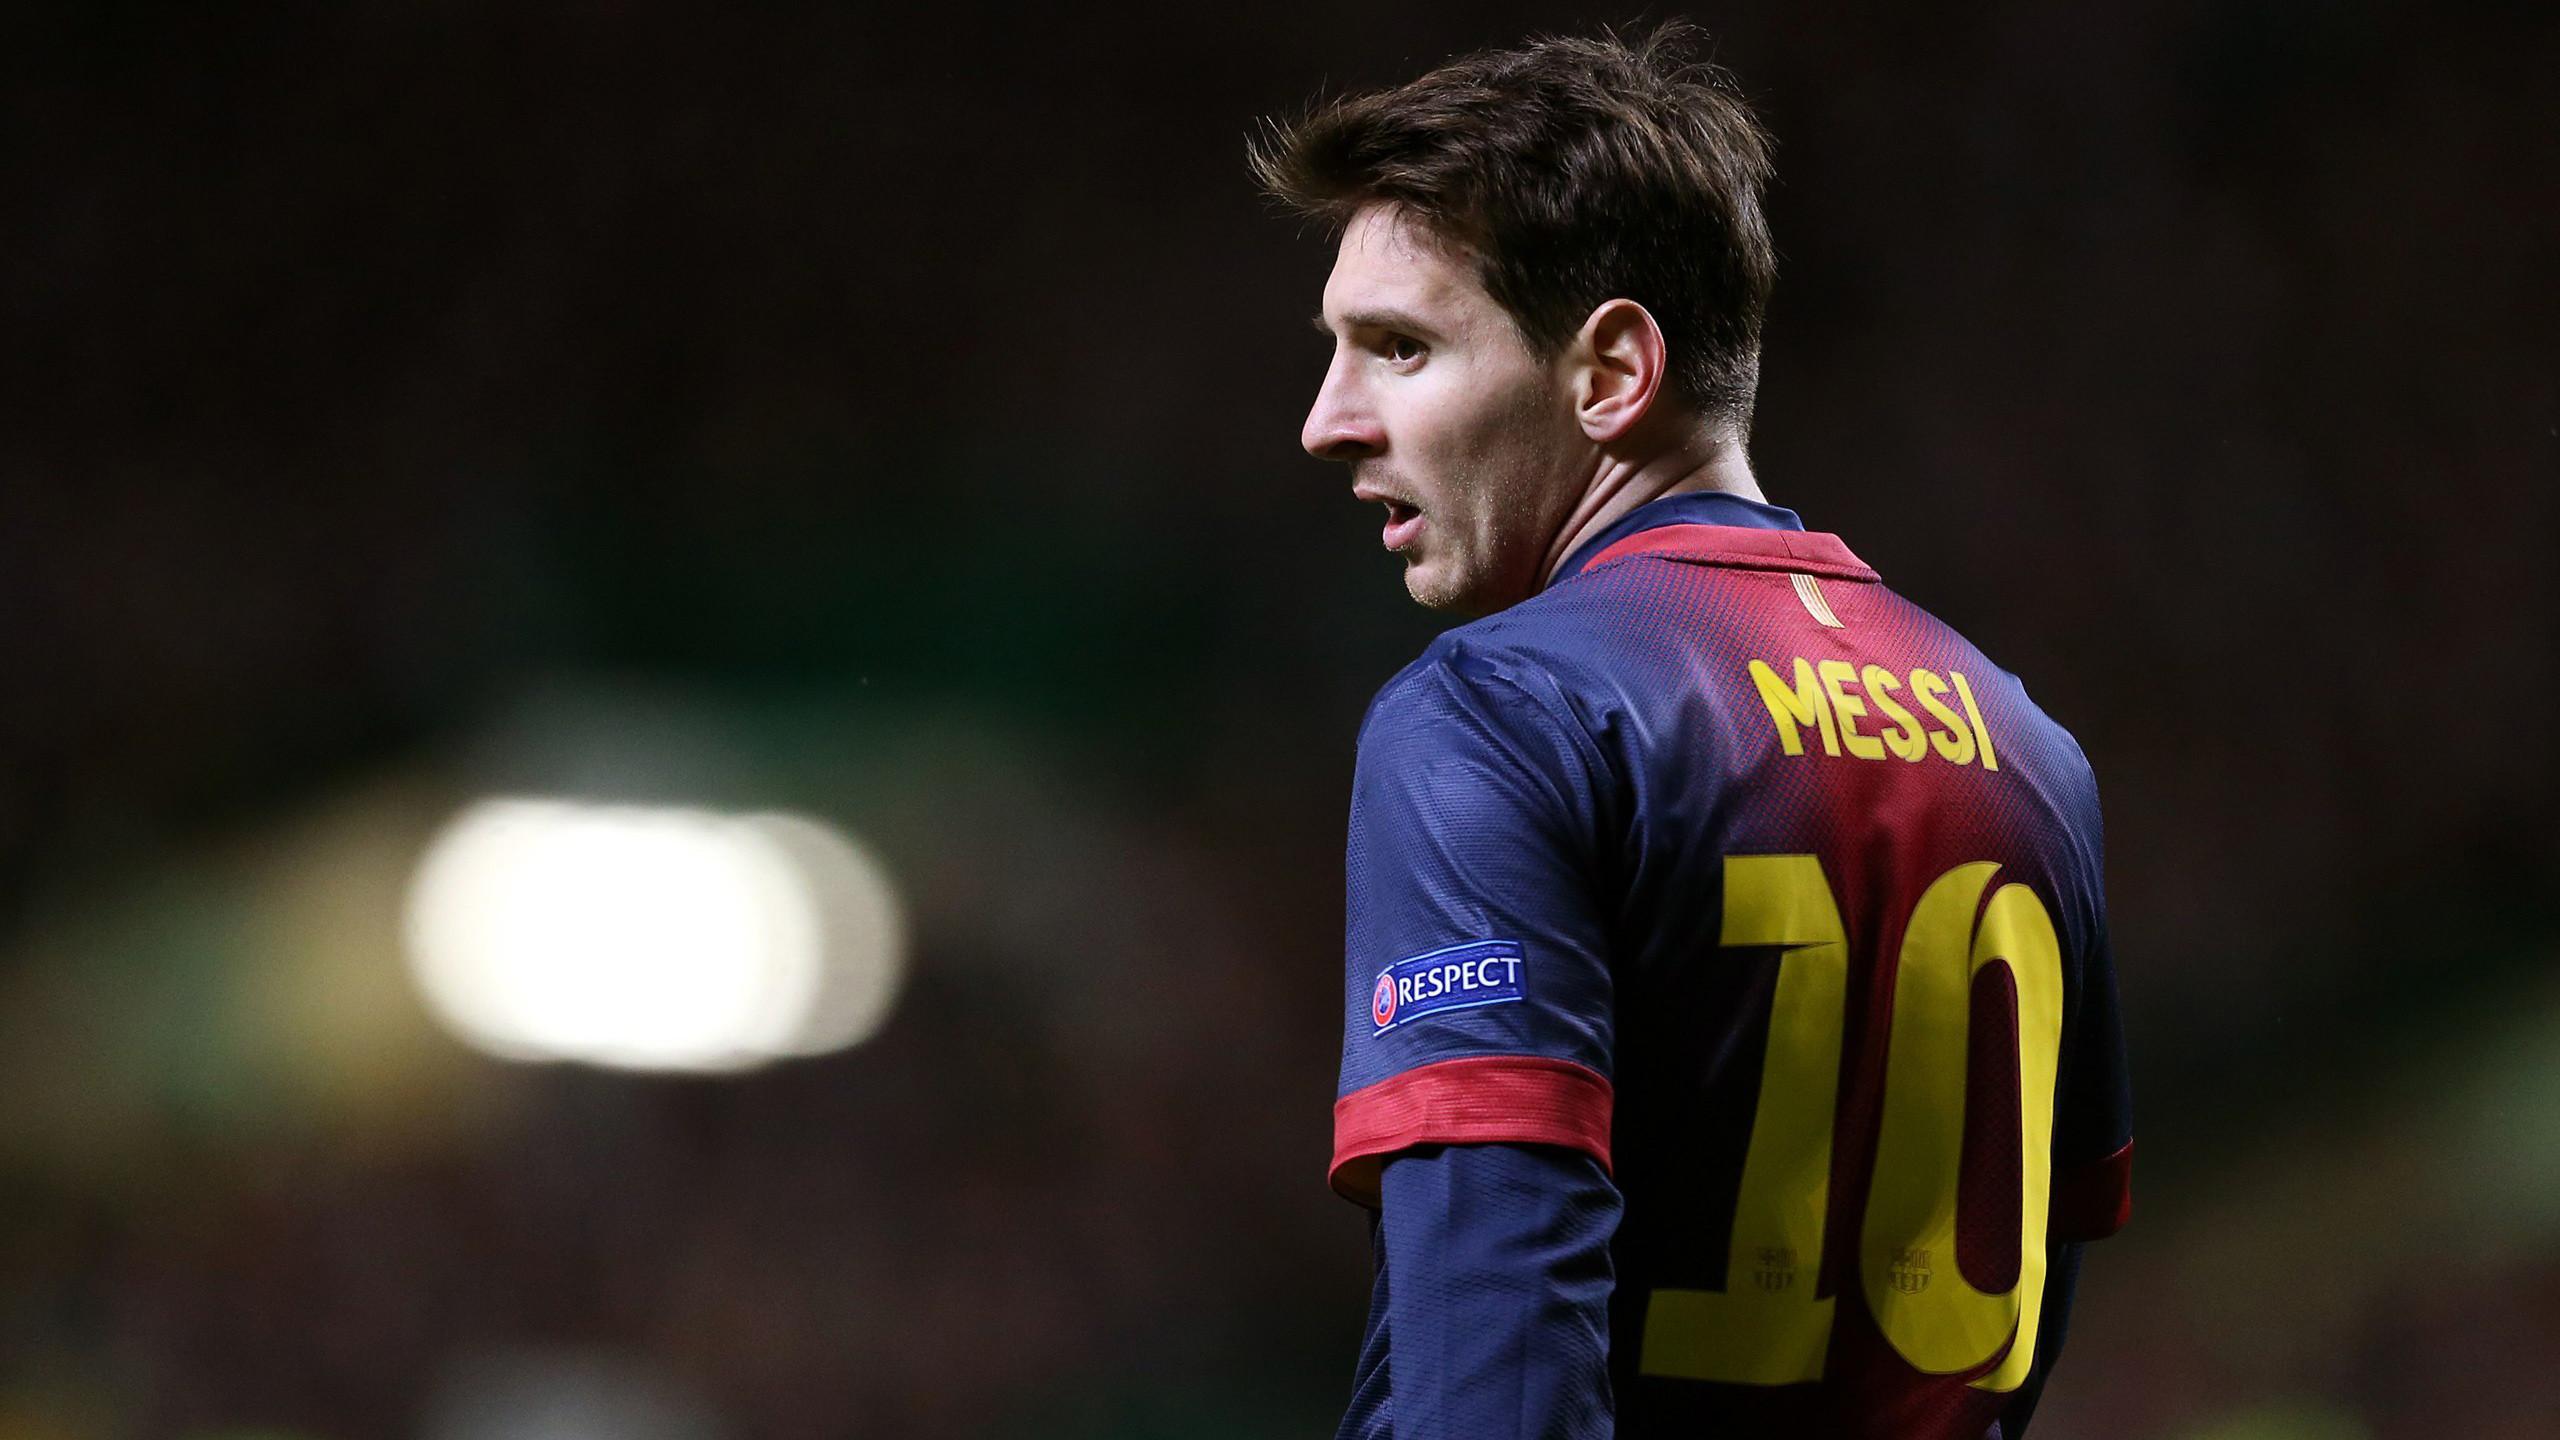 Sports / Lionel Messi Wallpaper. Lionel Messi, FC Barcelona …